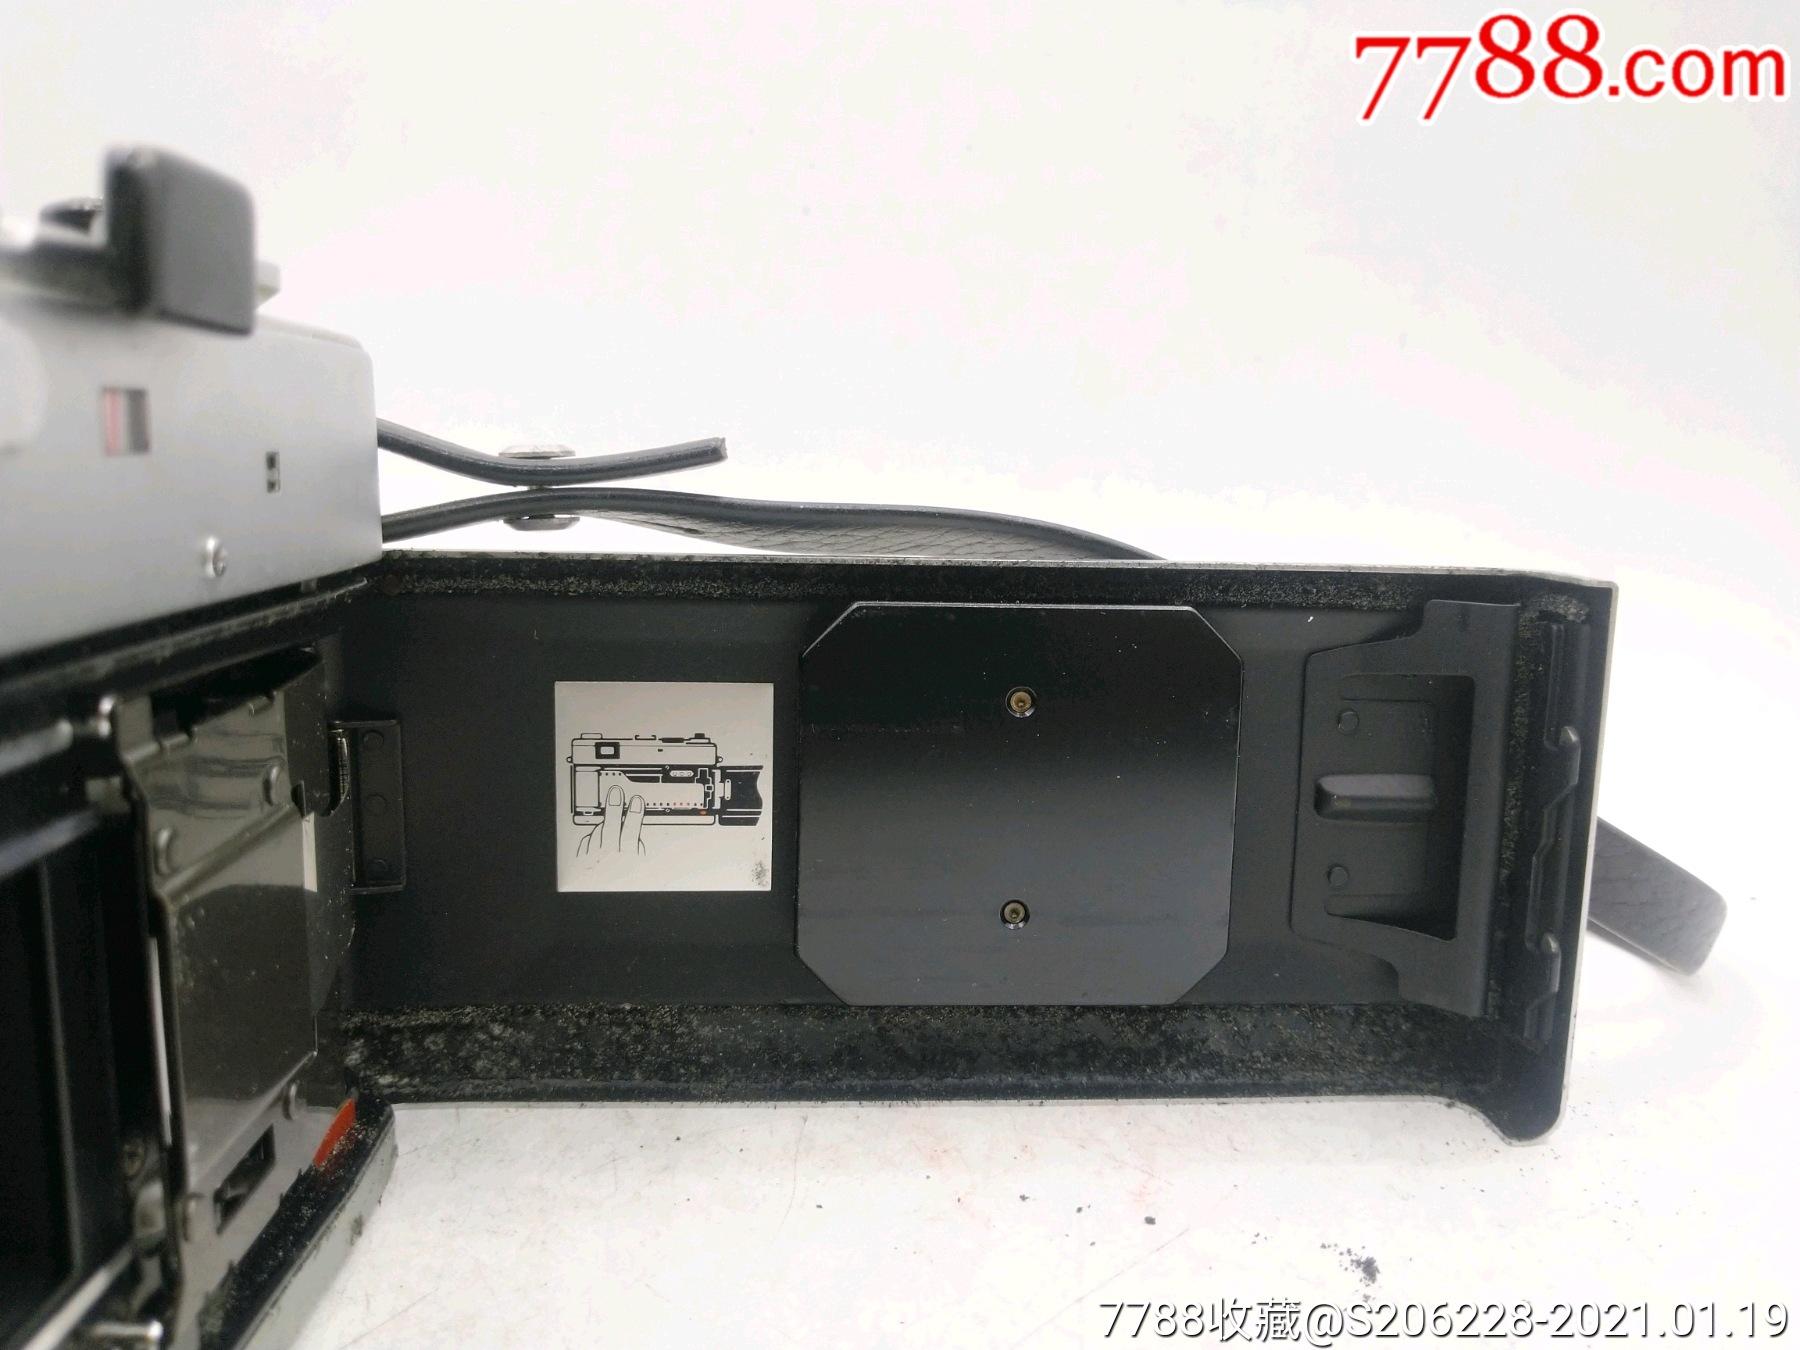 229★Canon_Canonet-QL17旁軸相機/機身編號:643049_價格260元_第20張_